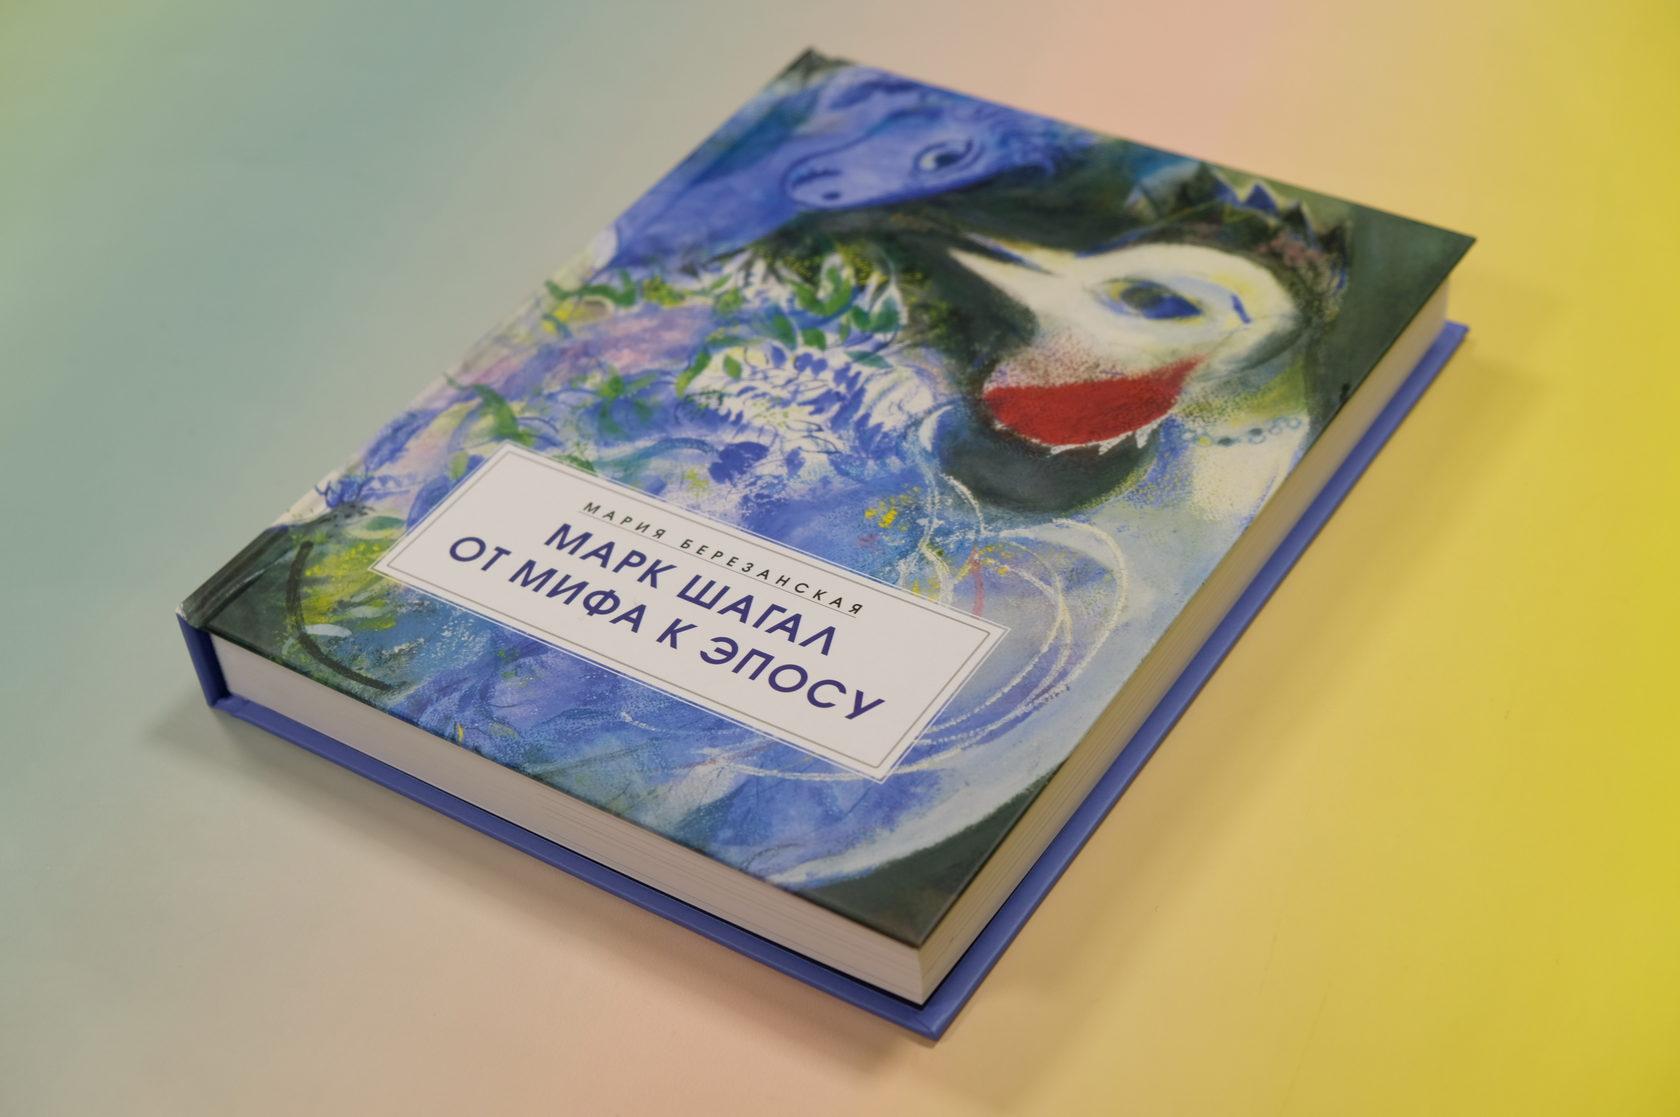 Мария Березанская «Марк Шагал. От мифа к эпосу» , 978-5-906190-67-3